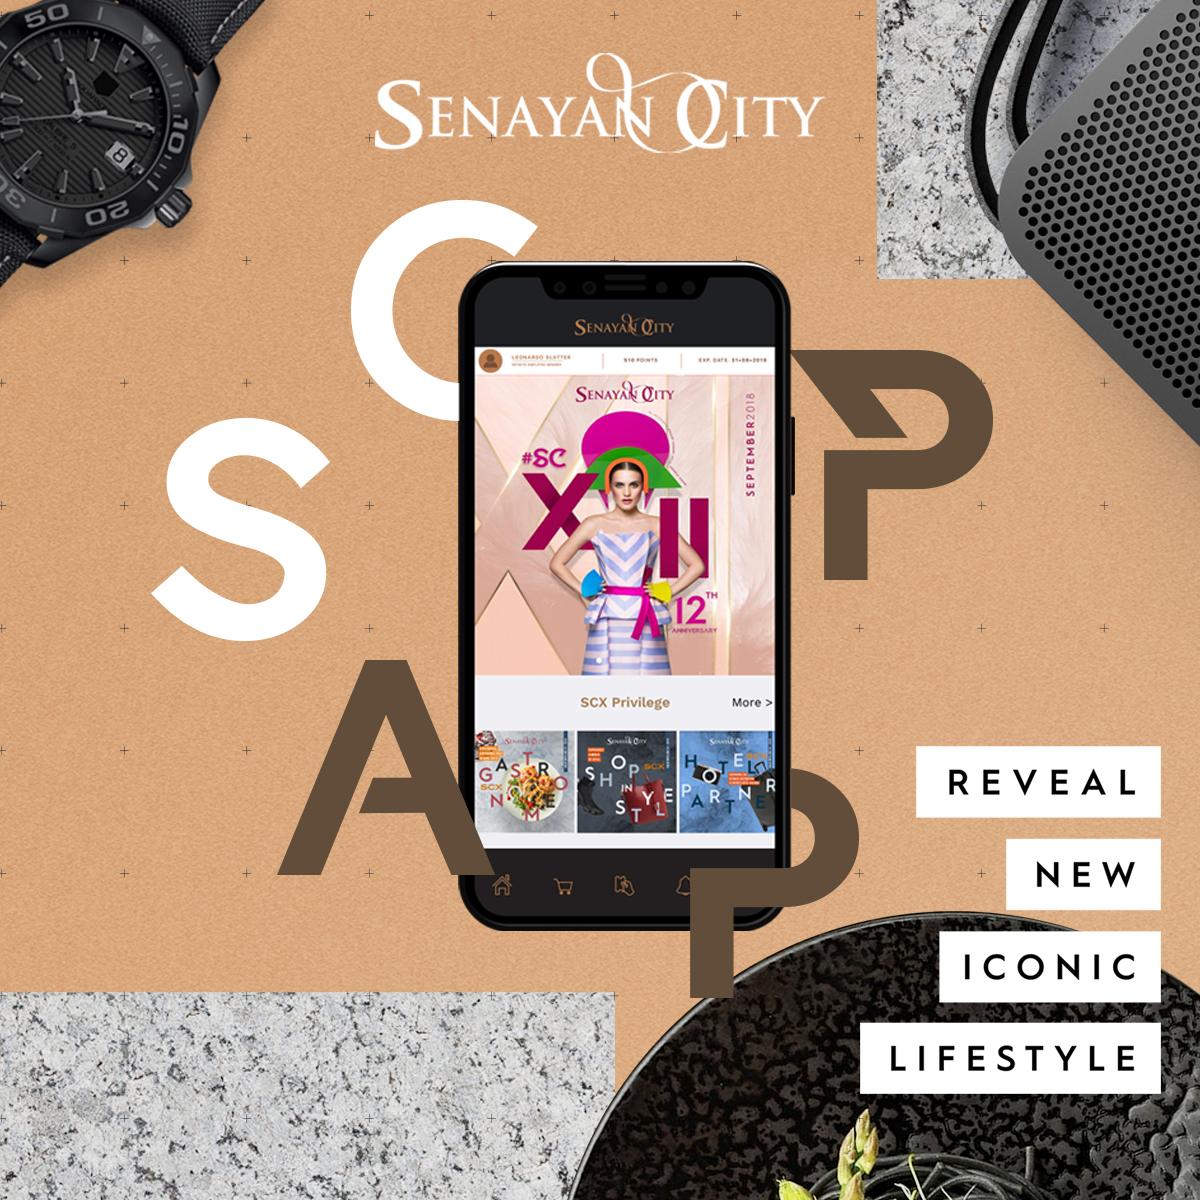 SENAYAN CITY MOBILE APP